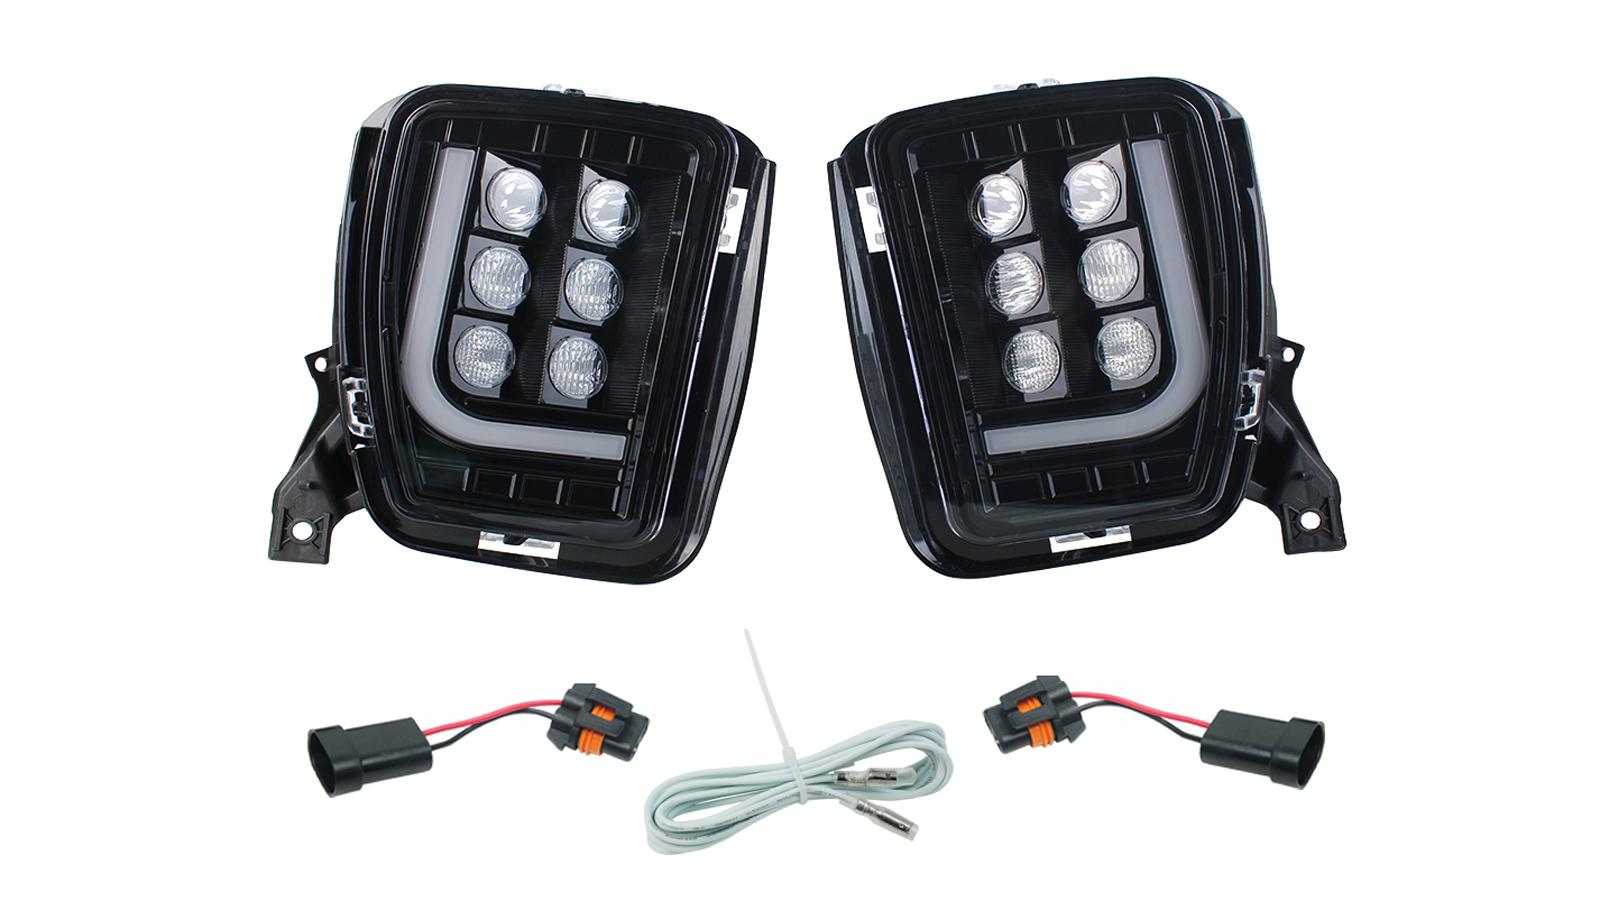 Sostituzione del gruppo di fendinebbia a LED per DODGE RAM 1500 Pickup 2013-2017 con luci di marcia diurna